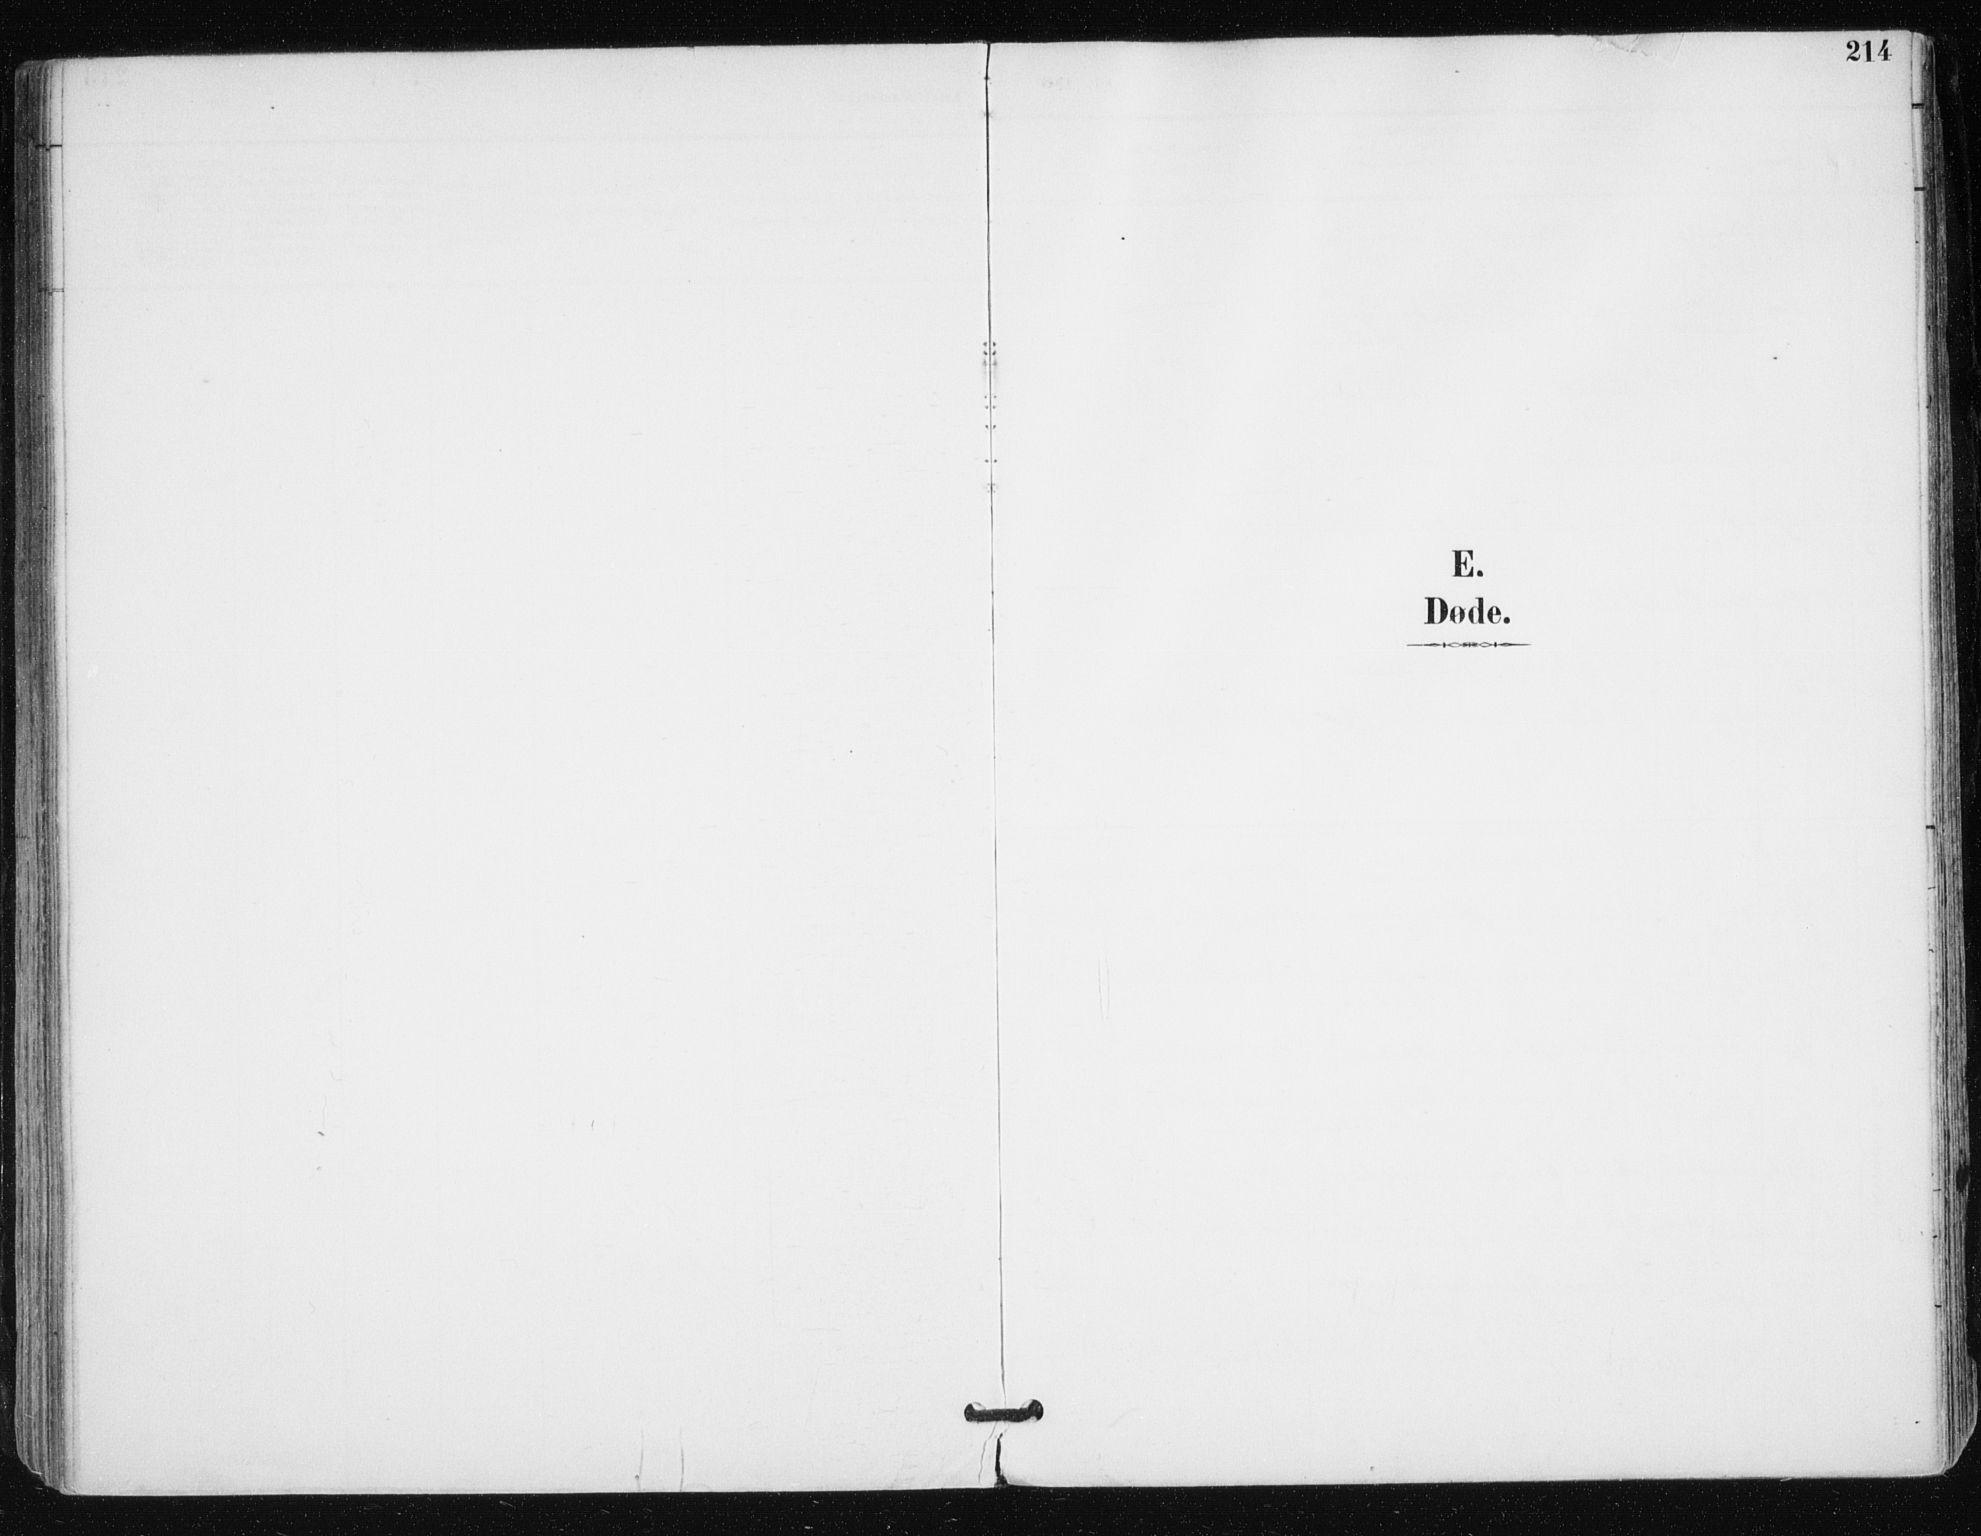 SATØ, Tana sokneprestkontor, H/Ha/L0005kirke: Ministerialbok nr. 5, 1891-1903, s. 214